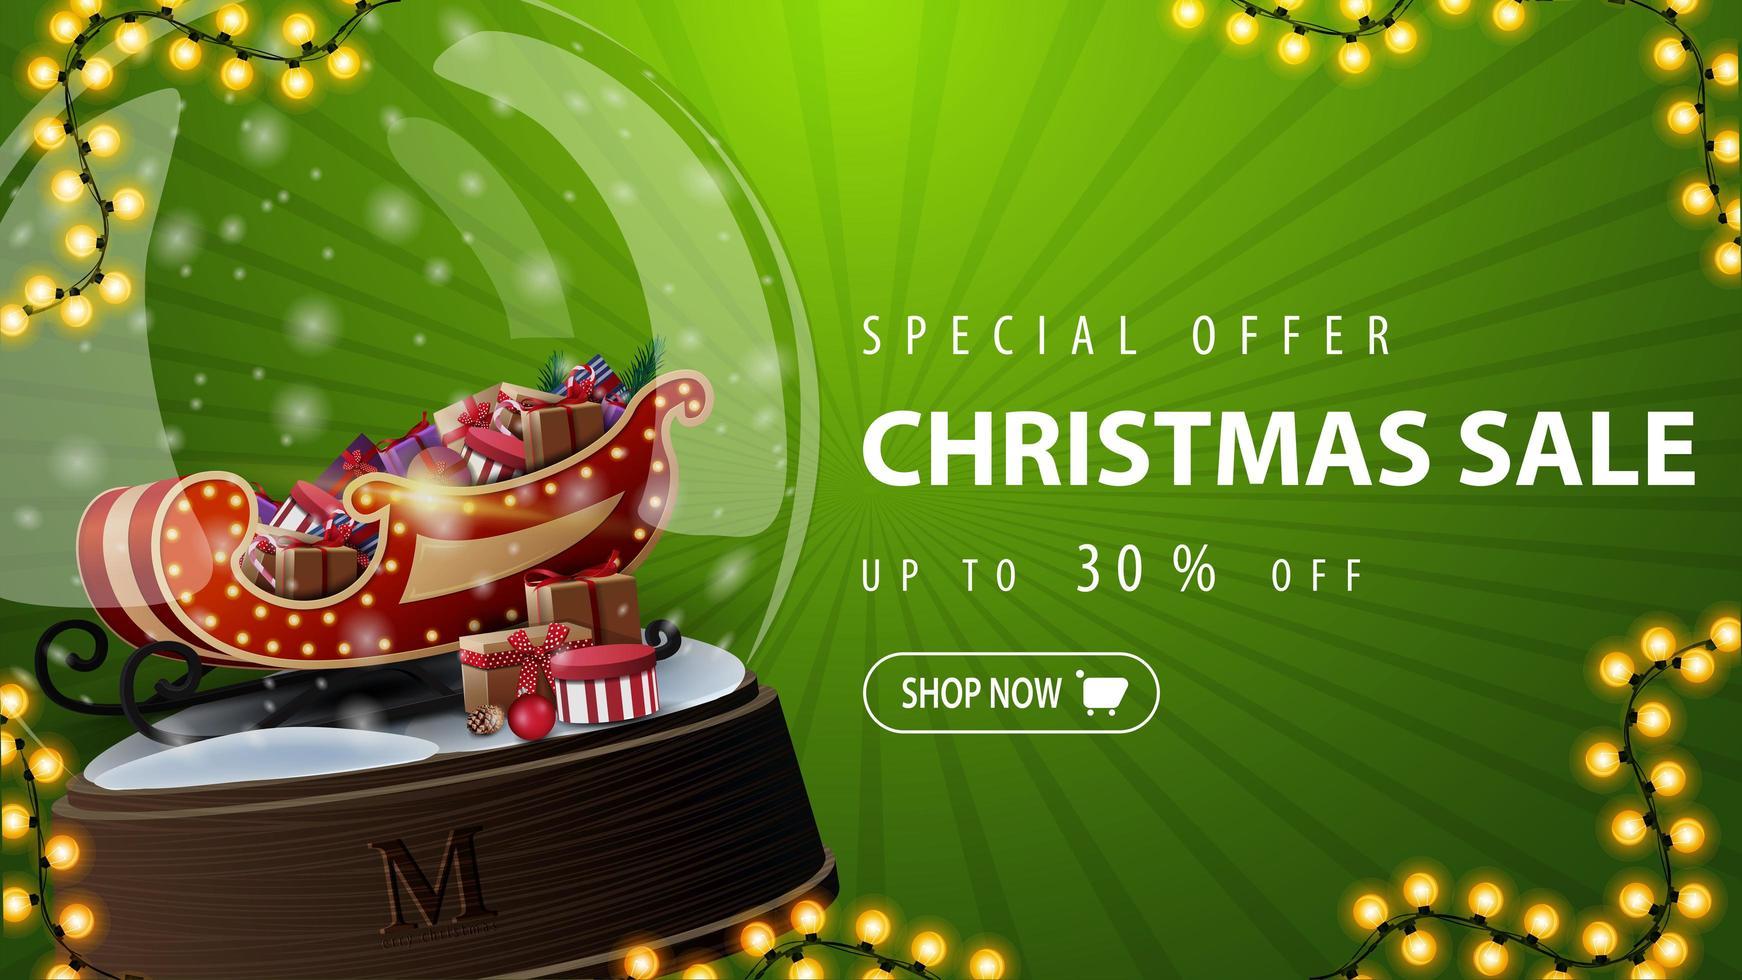 oferta especial, liquidação de natal, até 30 de desconto, banner de desconto verde com um grande globo de neve com trenó de Papai Noel com presentes dentro vetor